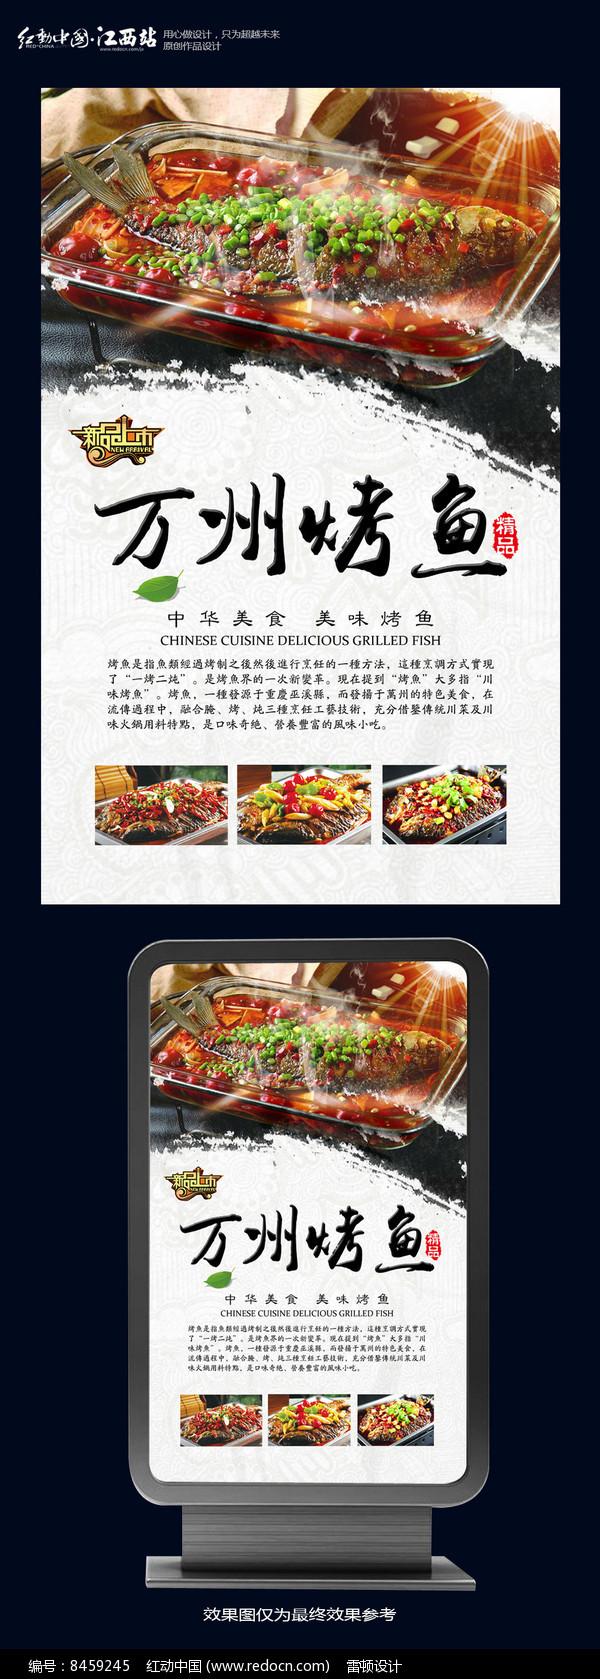 美味香辣万州烤鱼海报图片